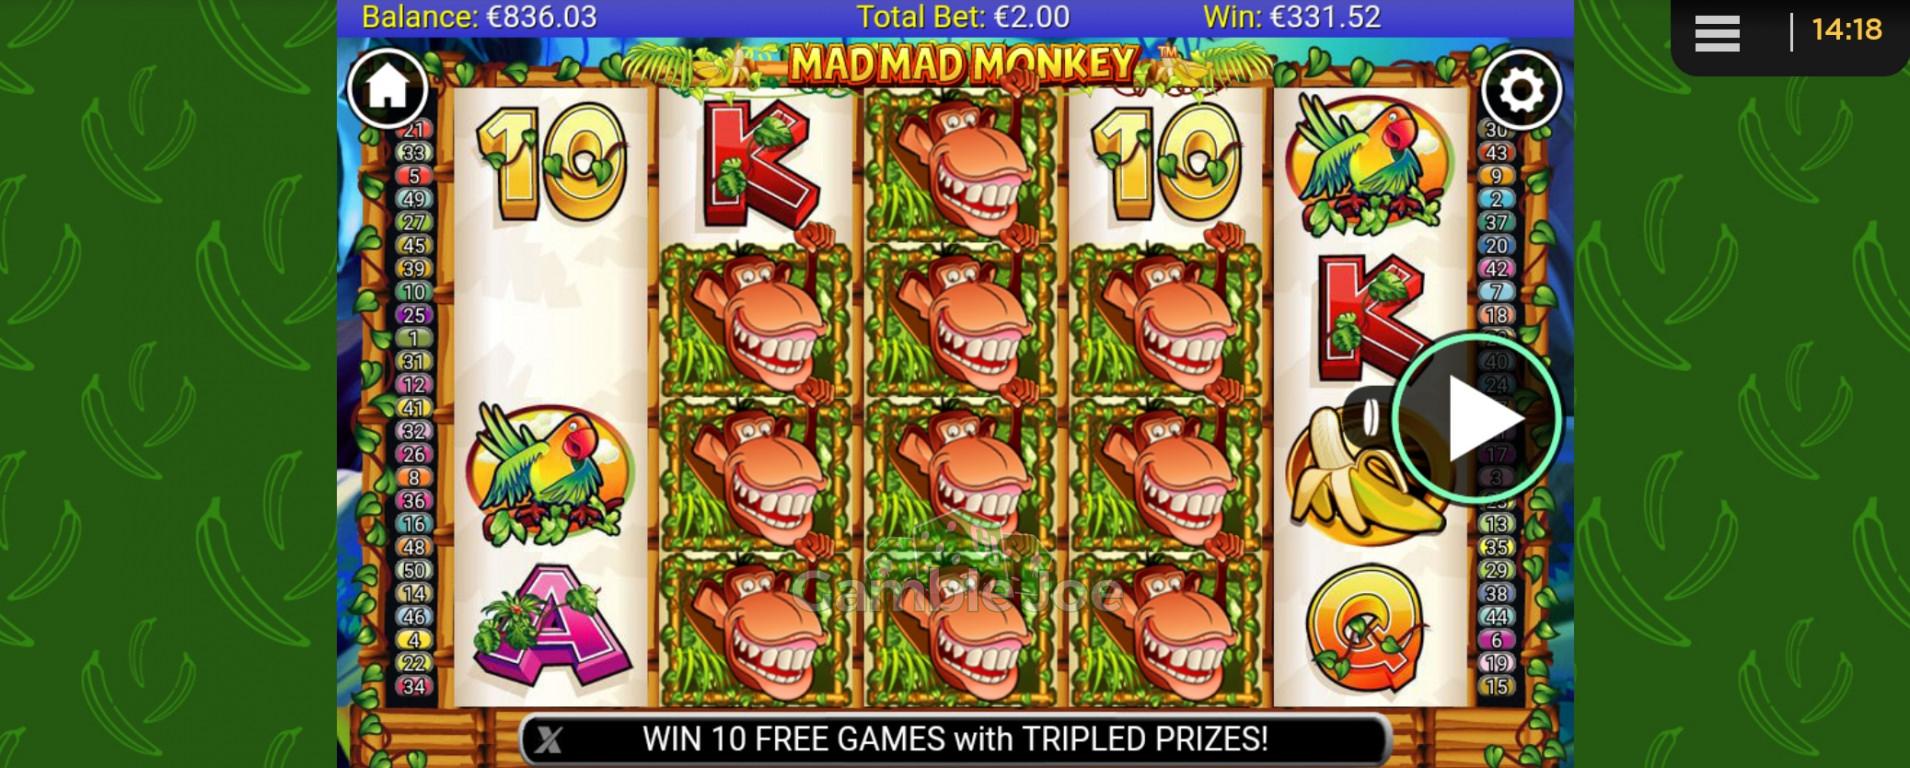 Mad Mad Monkey Gewinnbild von Meee88